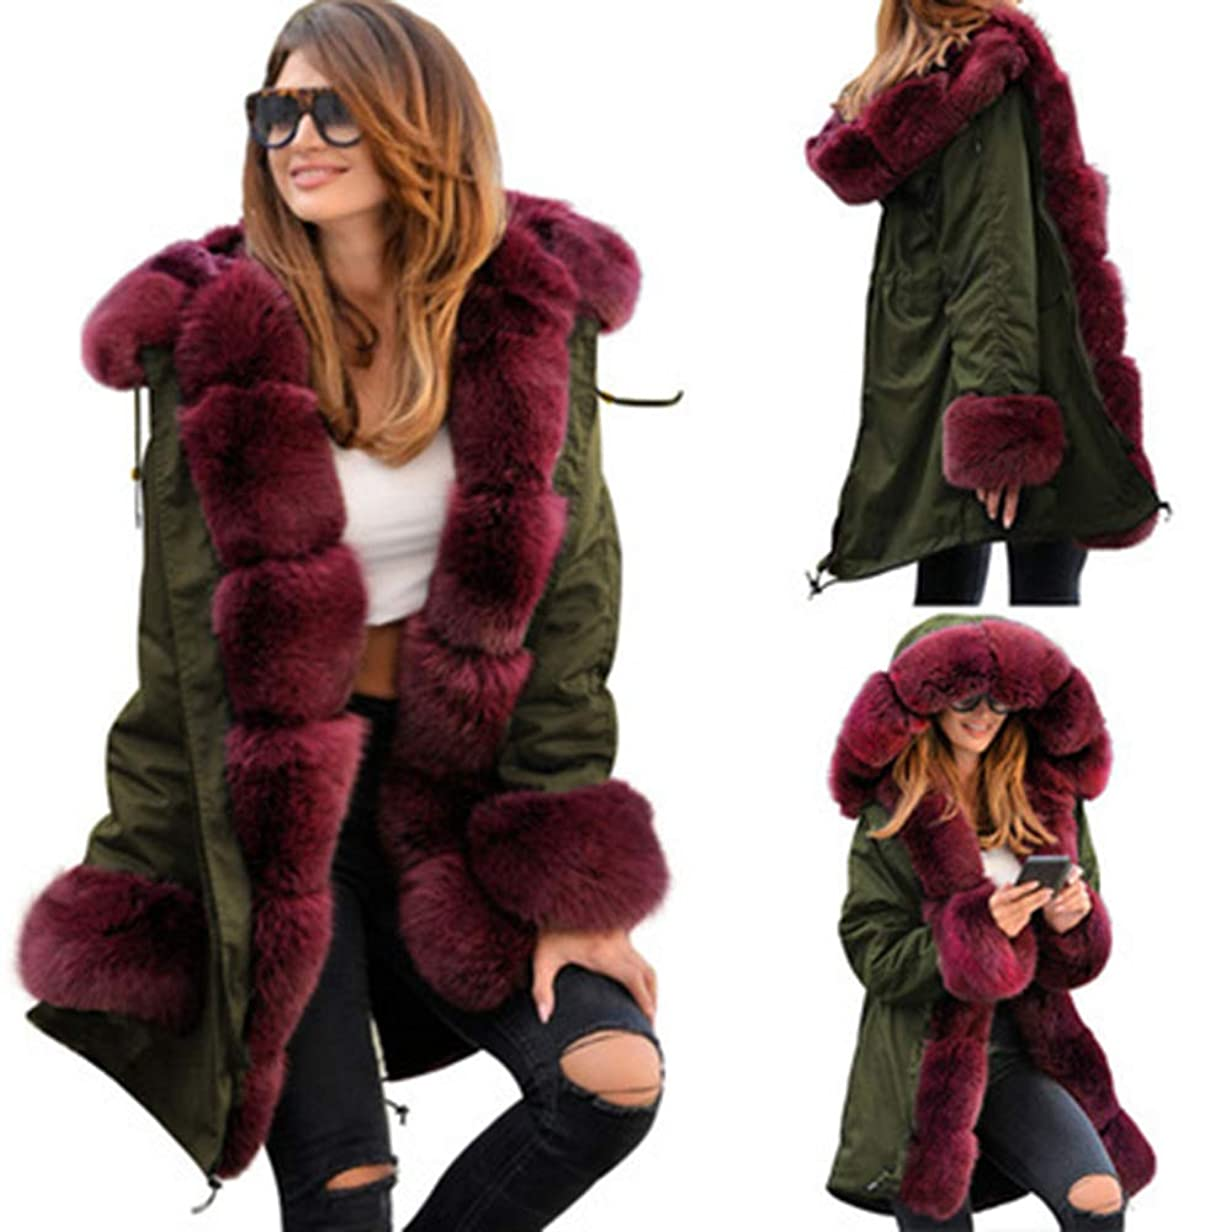 ブームアーサーコナンドイル個性ウィンタージャケット女性コットンWaddedフード付きコートカジュアルレディースWarm Parkasレディースウィンターコート,Red,XL